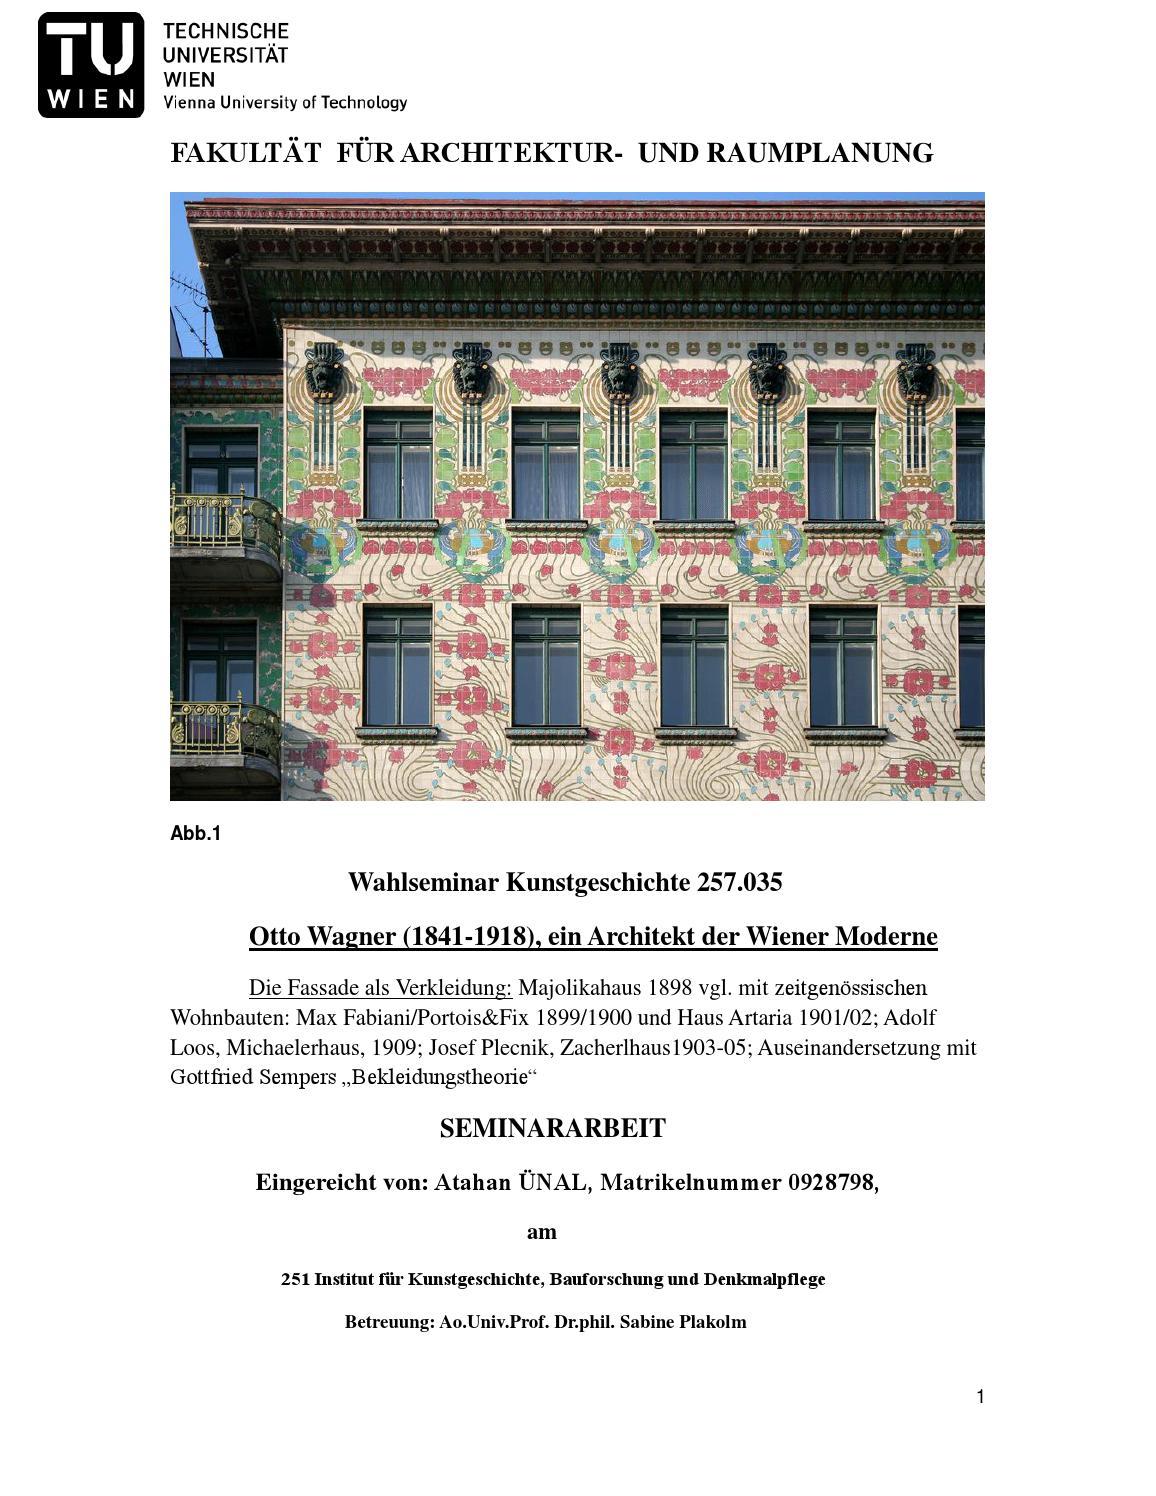 Atahan UNAL/ Seminararbeit / Otto Wagner, Architekt der Wiener ...